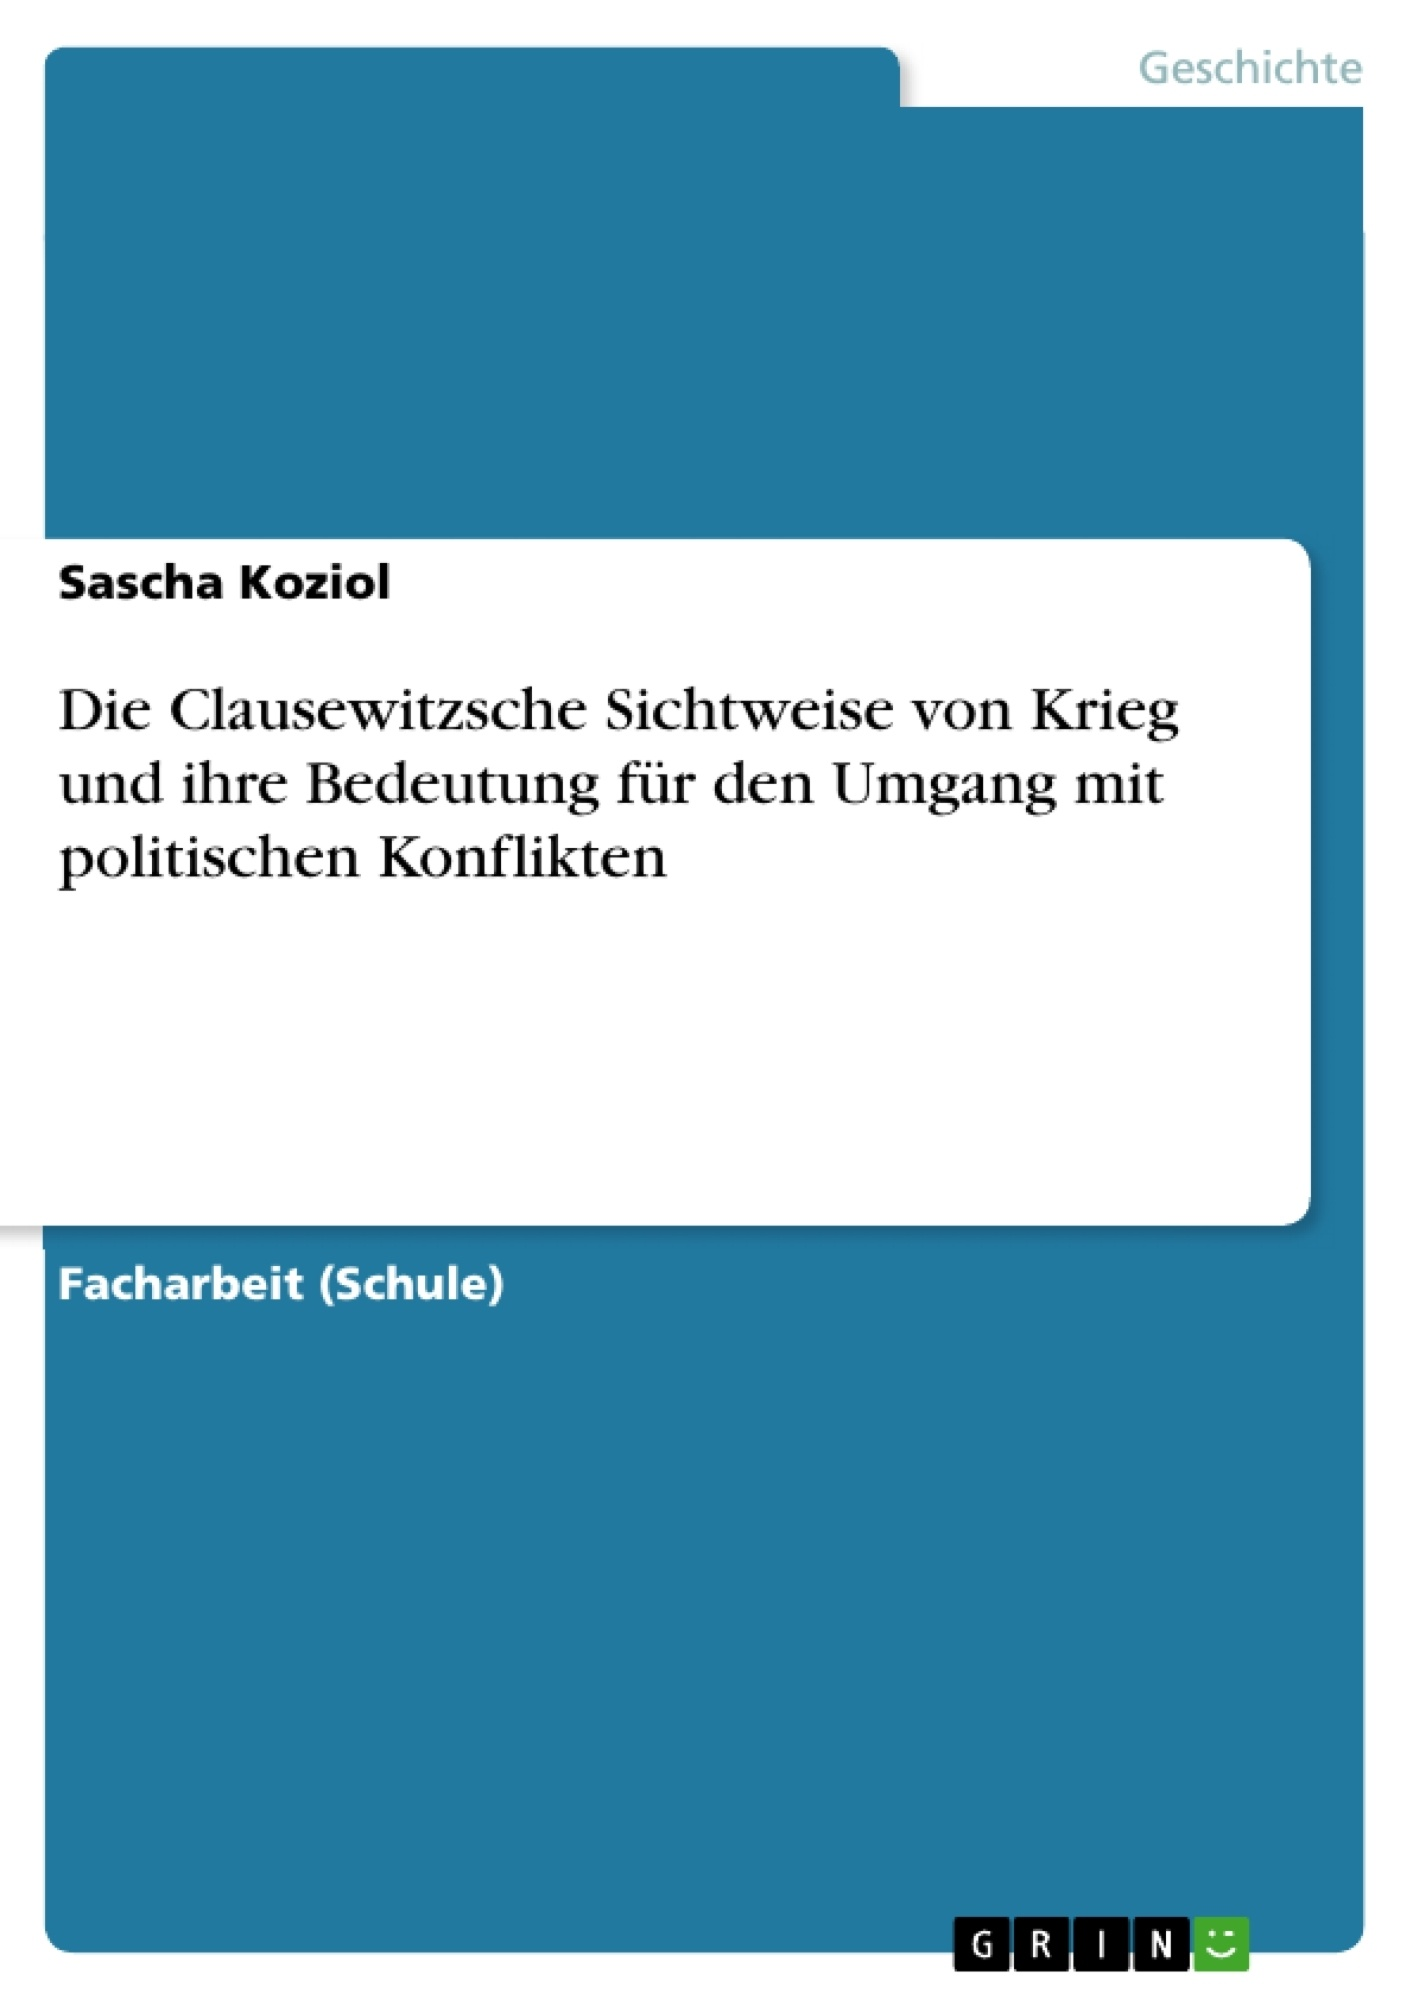 Titel: Die Clausewitzsche Sichtweise von Krieg und ihre Bedeutung für den Umgang mit politischen Konflikten